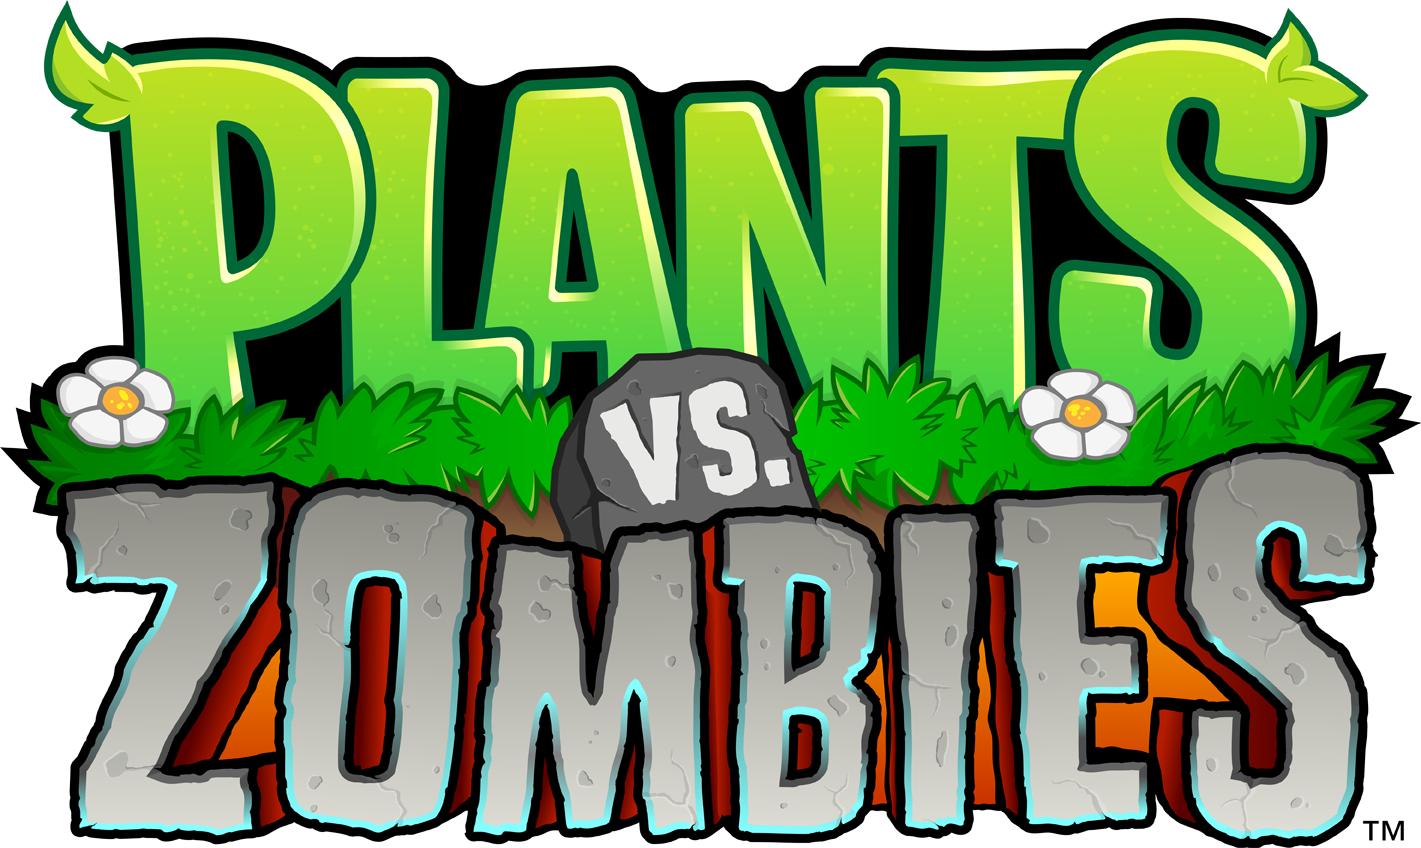 Plants vs Zombies gratuit sur PC (Dématérialisé)